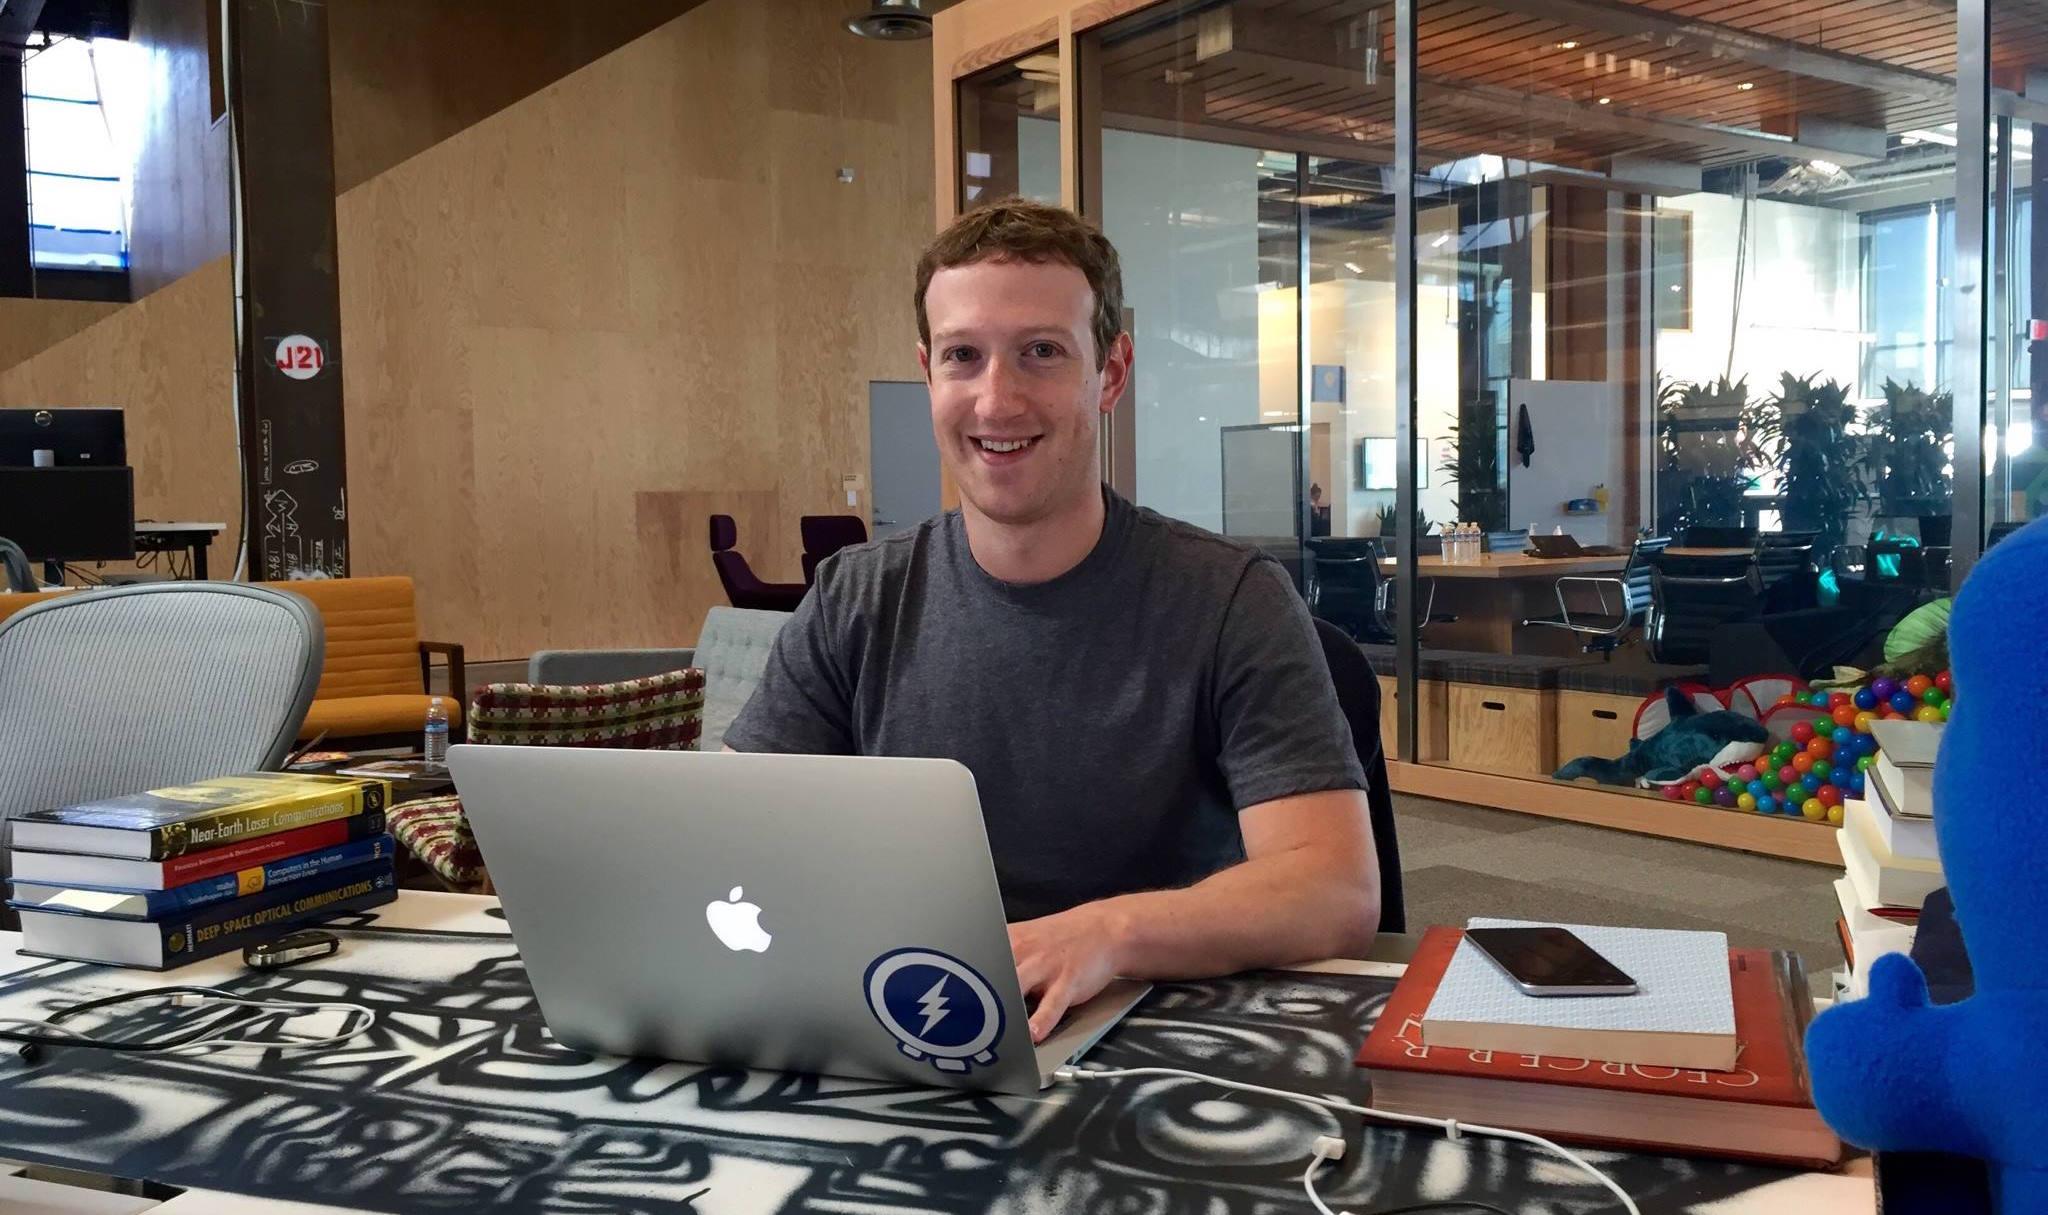 Марк Цукерберг с хорошим настроением откроет новую штаб-квартиру в Лондоне